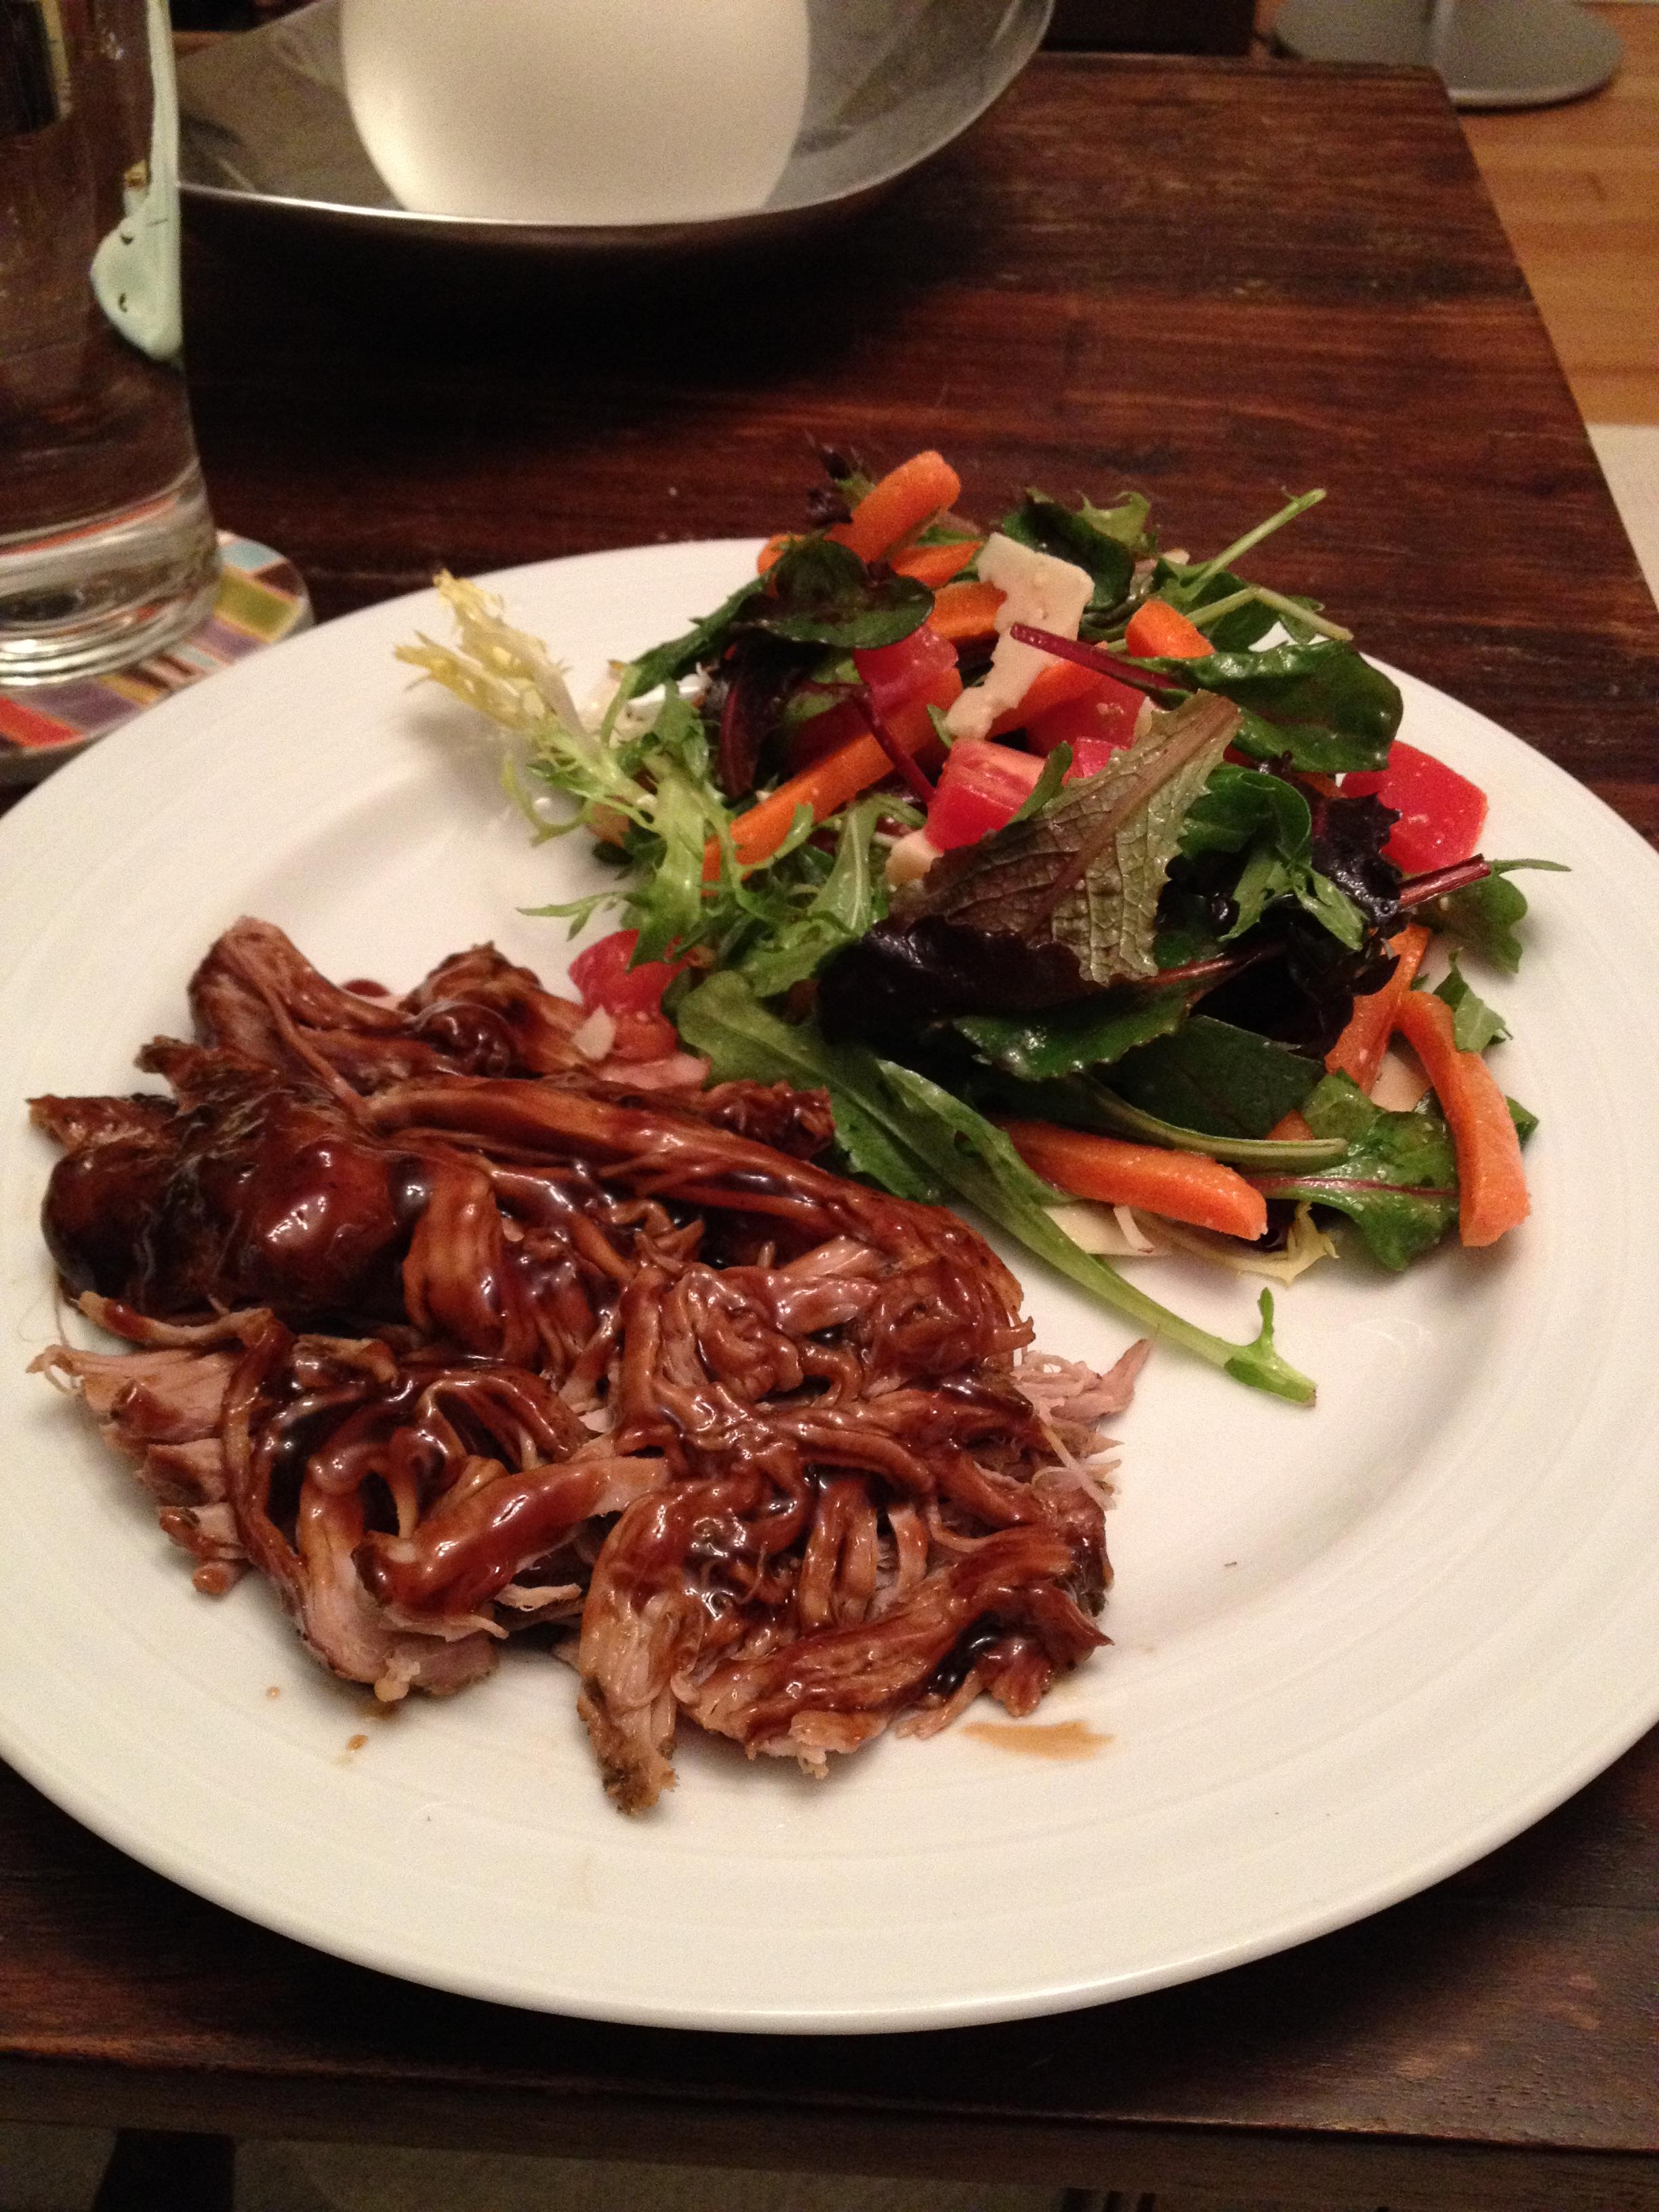 balsamic glazed pork